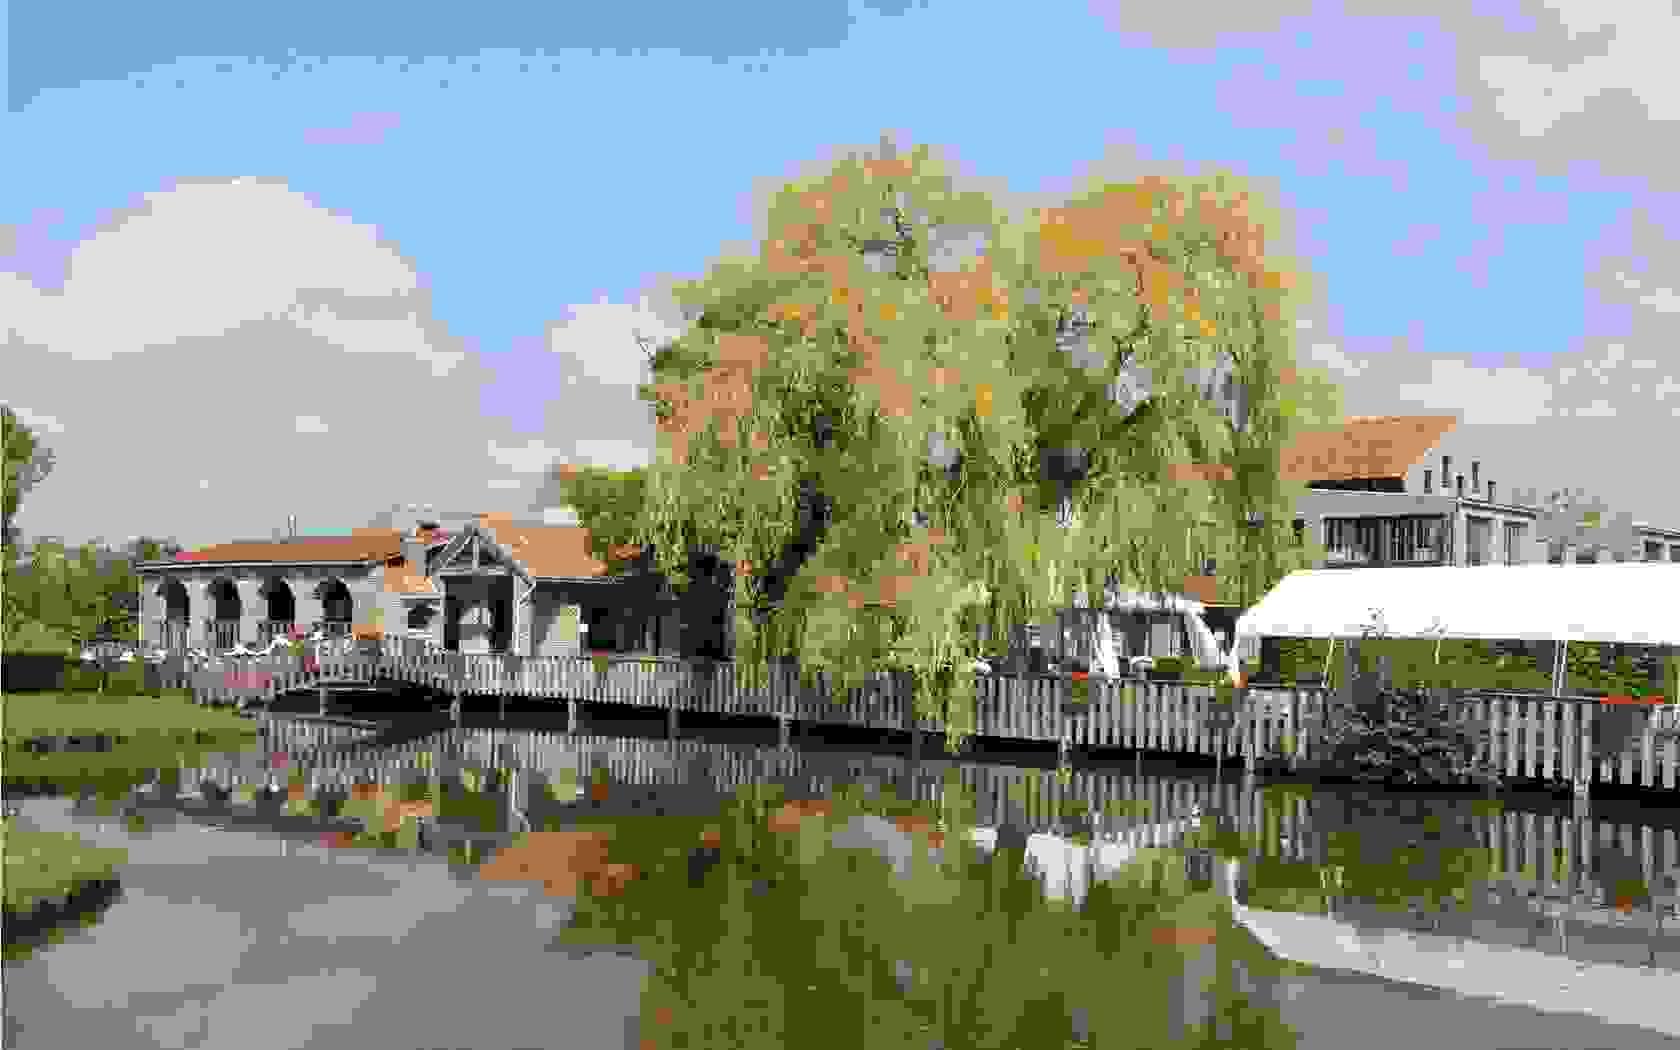 seminarie Geetbets - Een schitterende locatie voor een seminarie op een geringe afstand van Geetbets - De Waterhoek